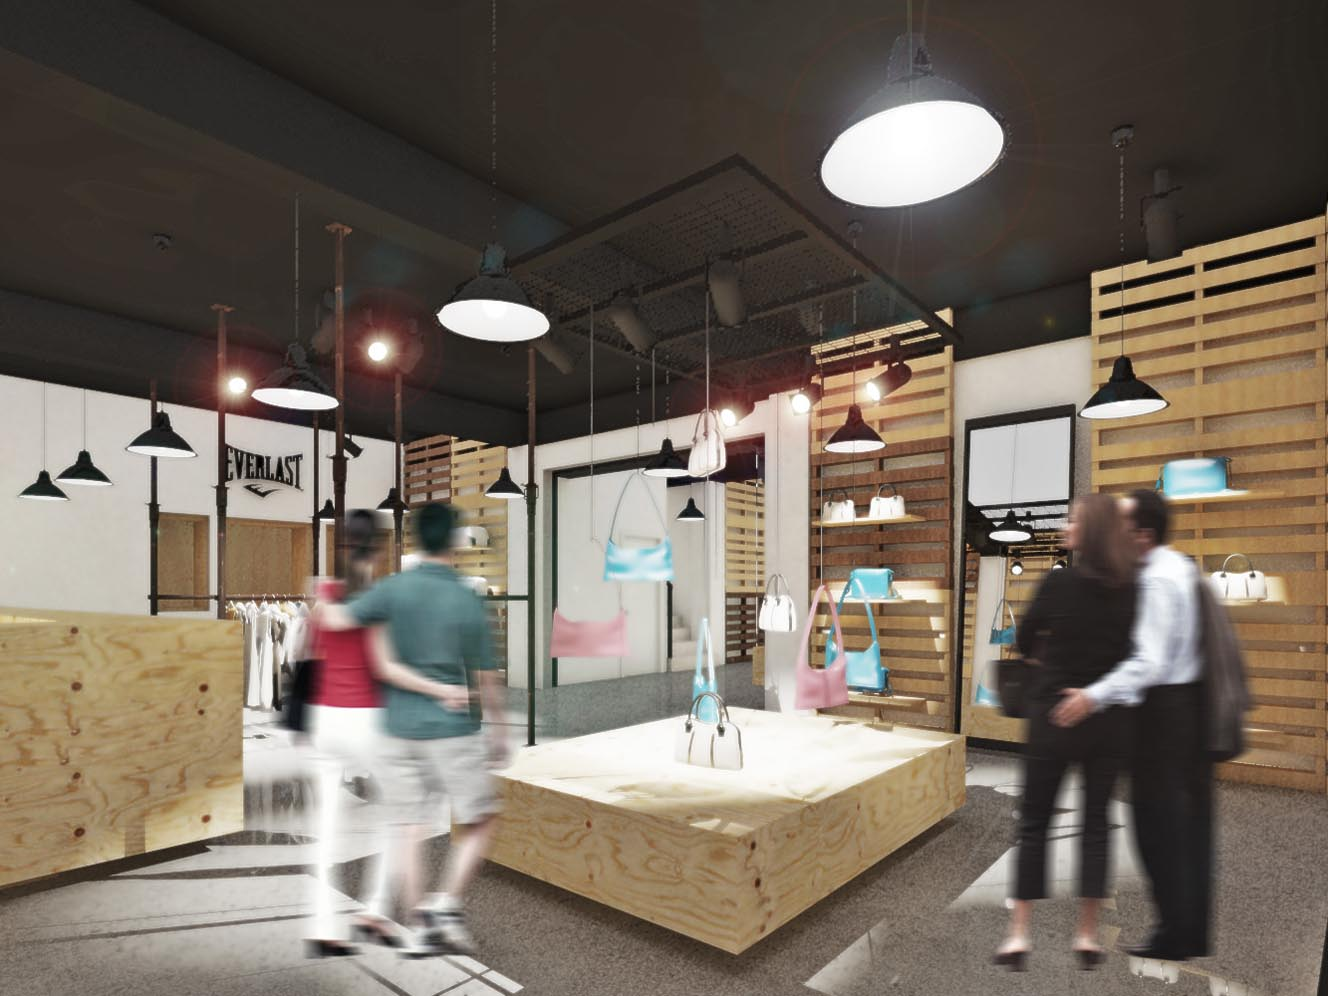 Proyecto local comercial barrio patronato espiral - Proyecto local comercial ...